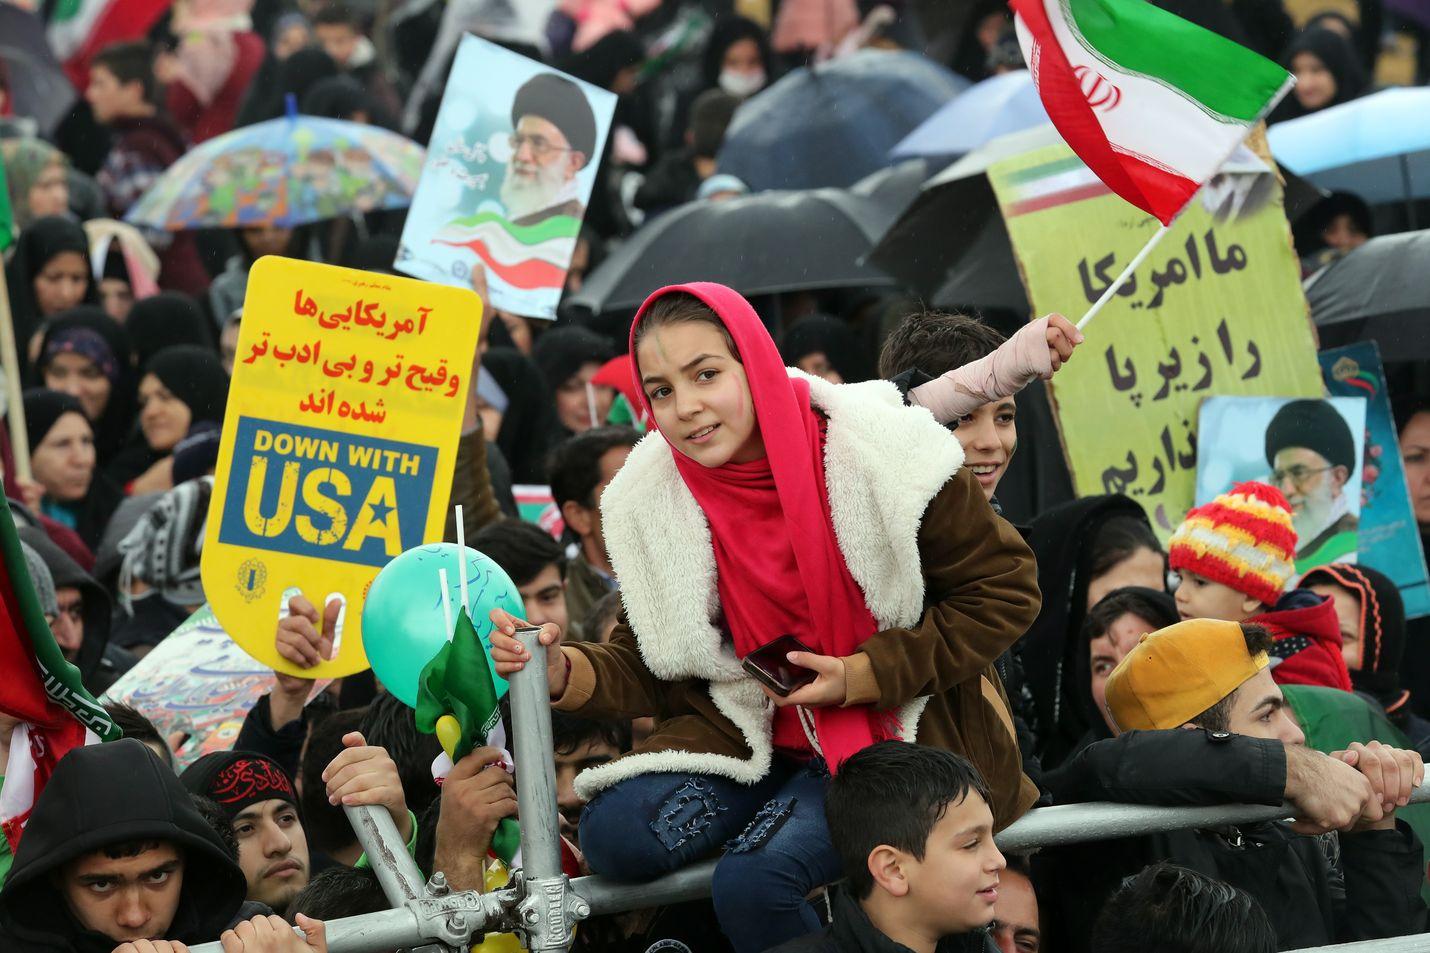 Iranin vallankumousta juhlivat kantoivat muun muassa Yhdysvaltain vastaisia kylttejä Teheranissa maanantaina.